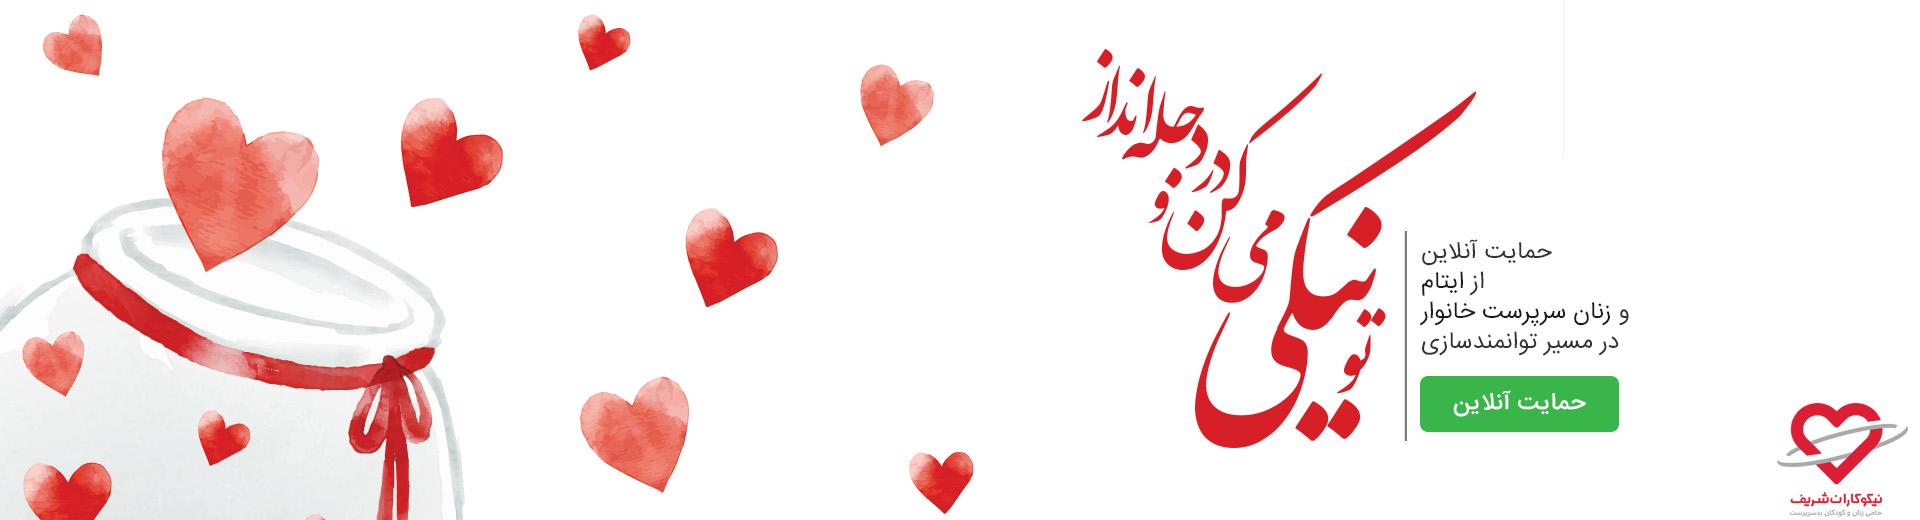 تو نیکی میکن و در دجله انداز - خیریه نیکوکاران شریف